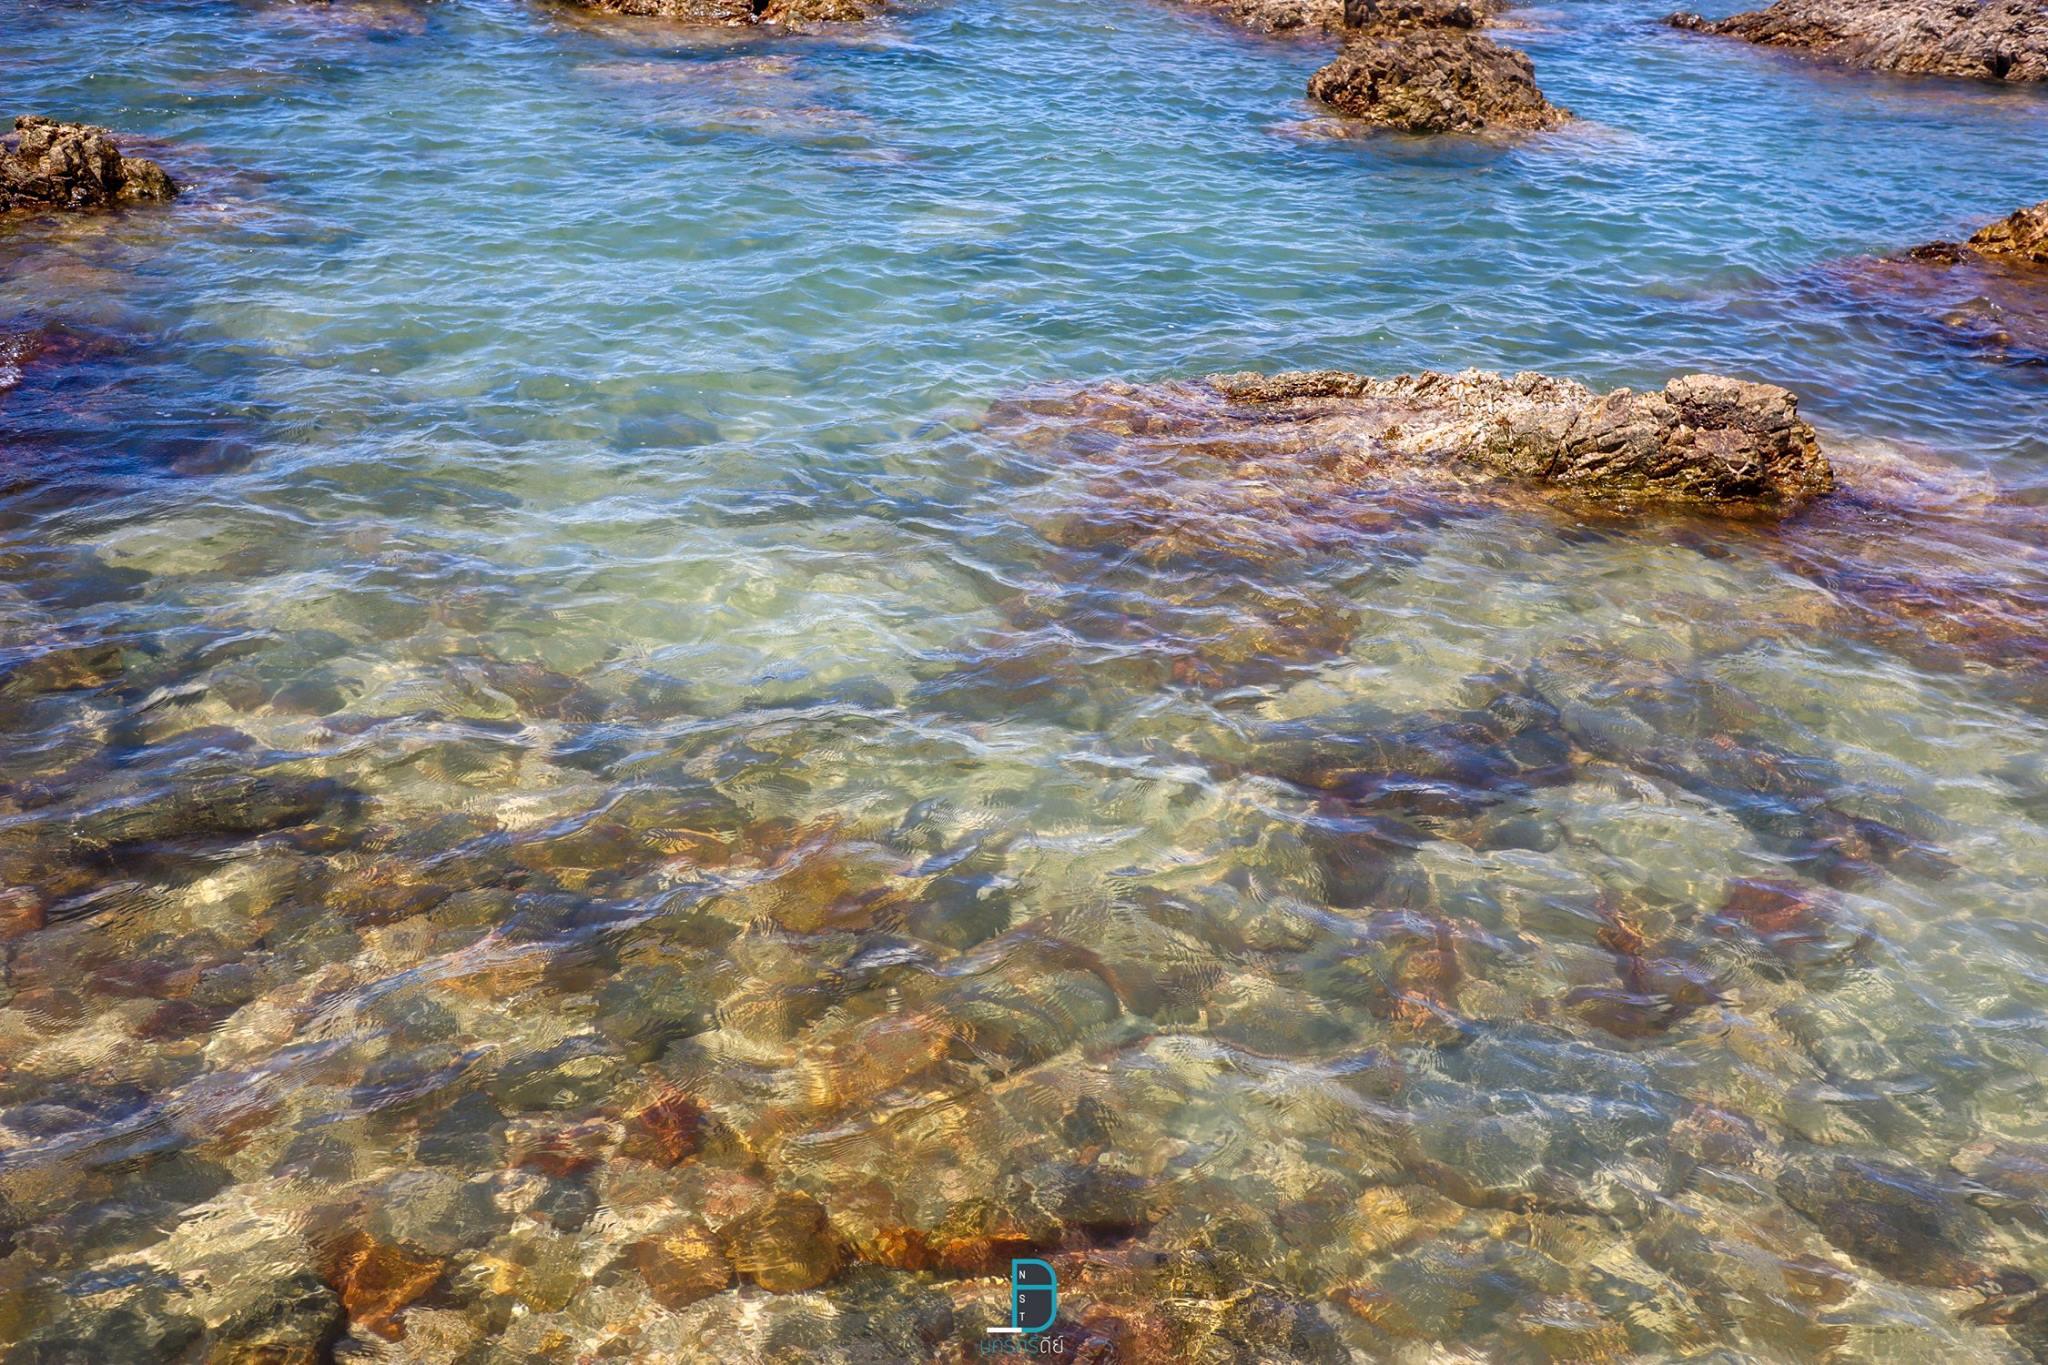 12 จุดเช็คอินขนอม นครศรีธรรมราช ธรรมชาติ ทะเล ภูเขา นครศรีดีย์